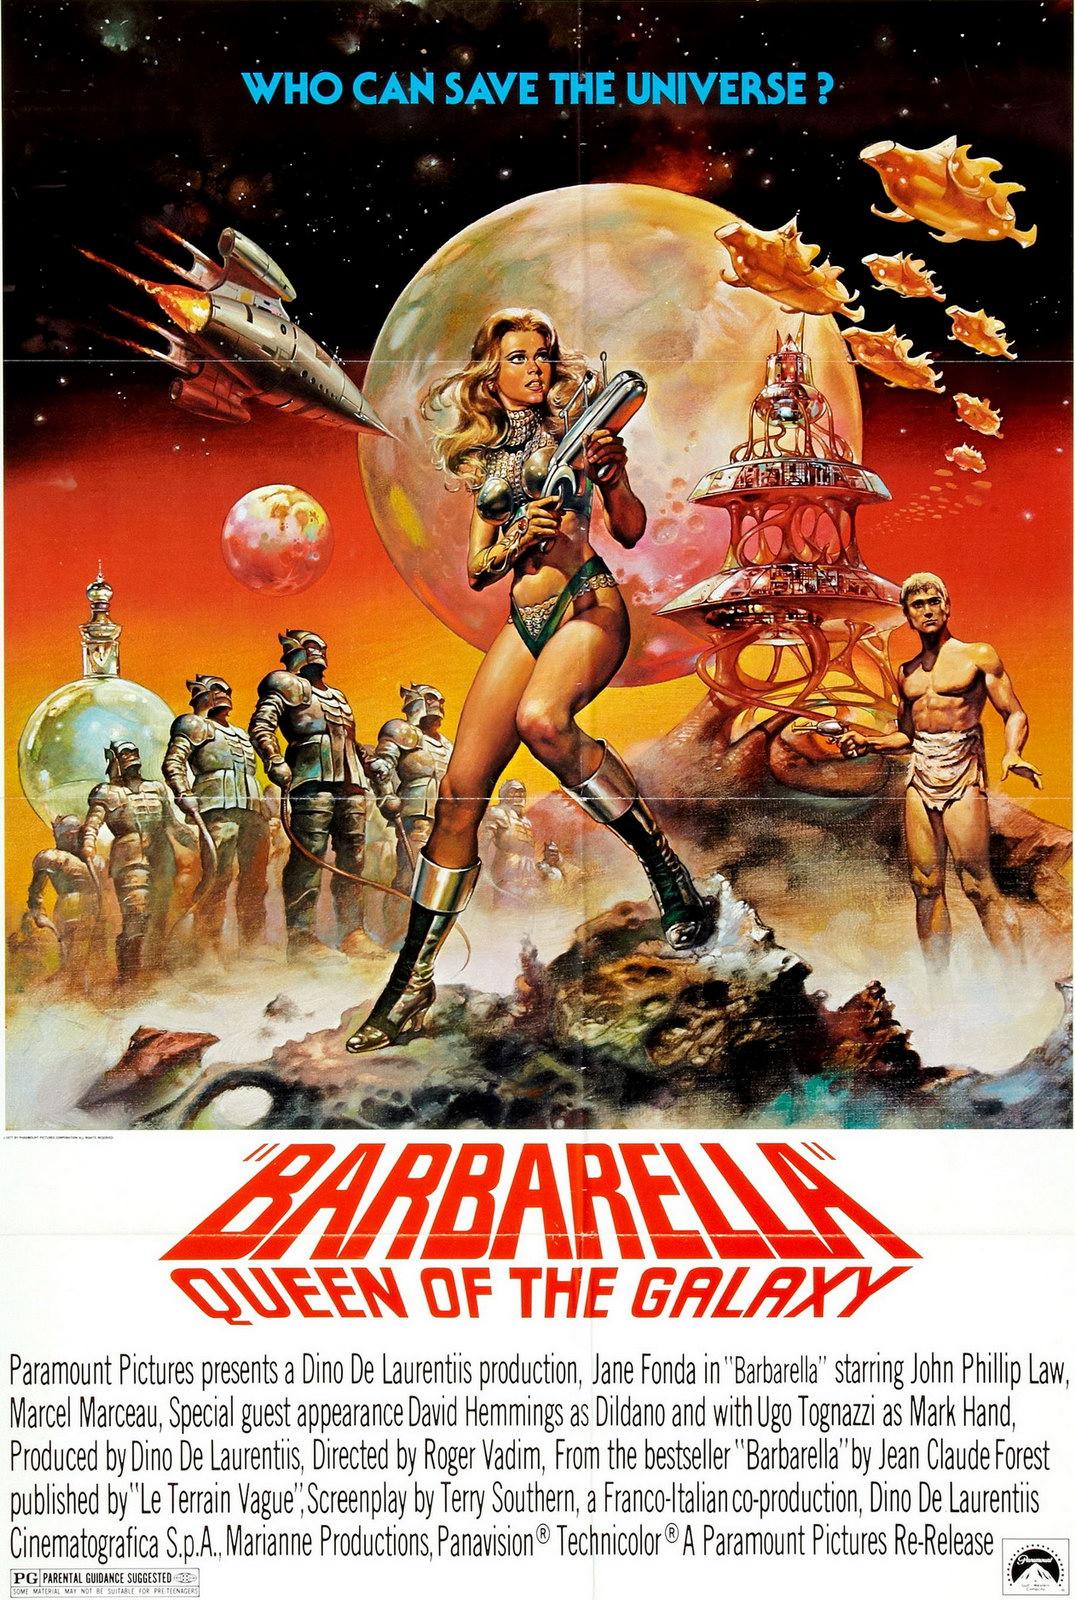 barbarella movie posters vintage arts gallery